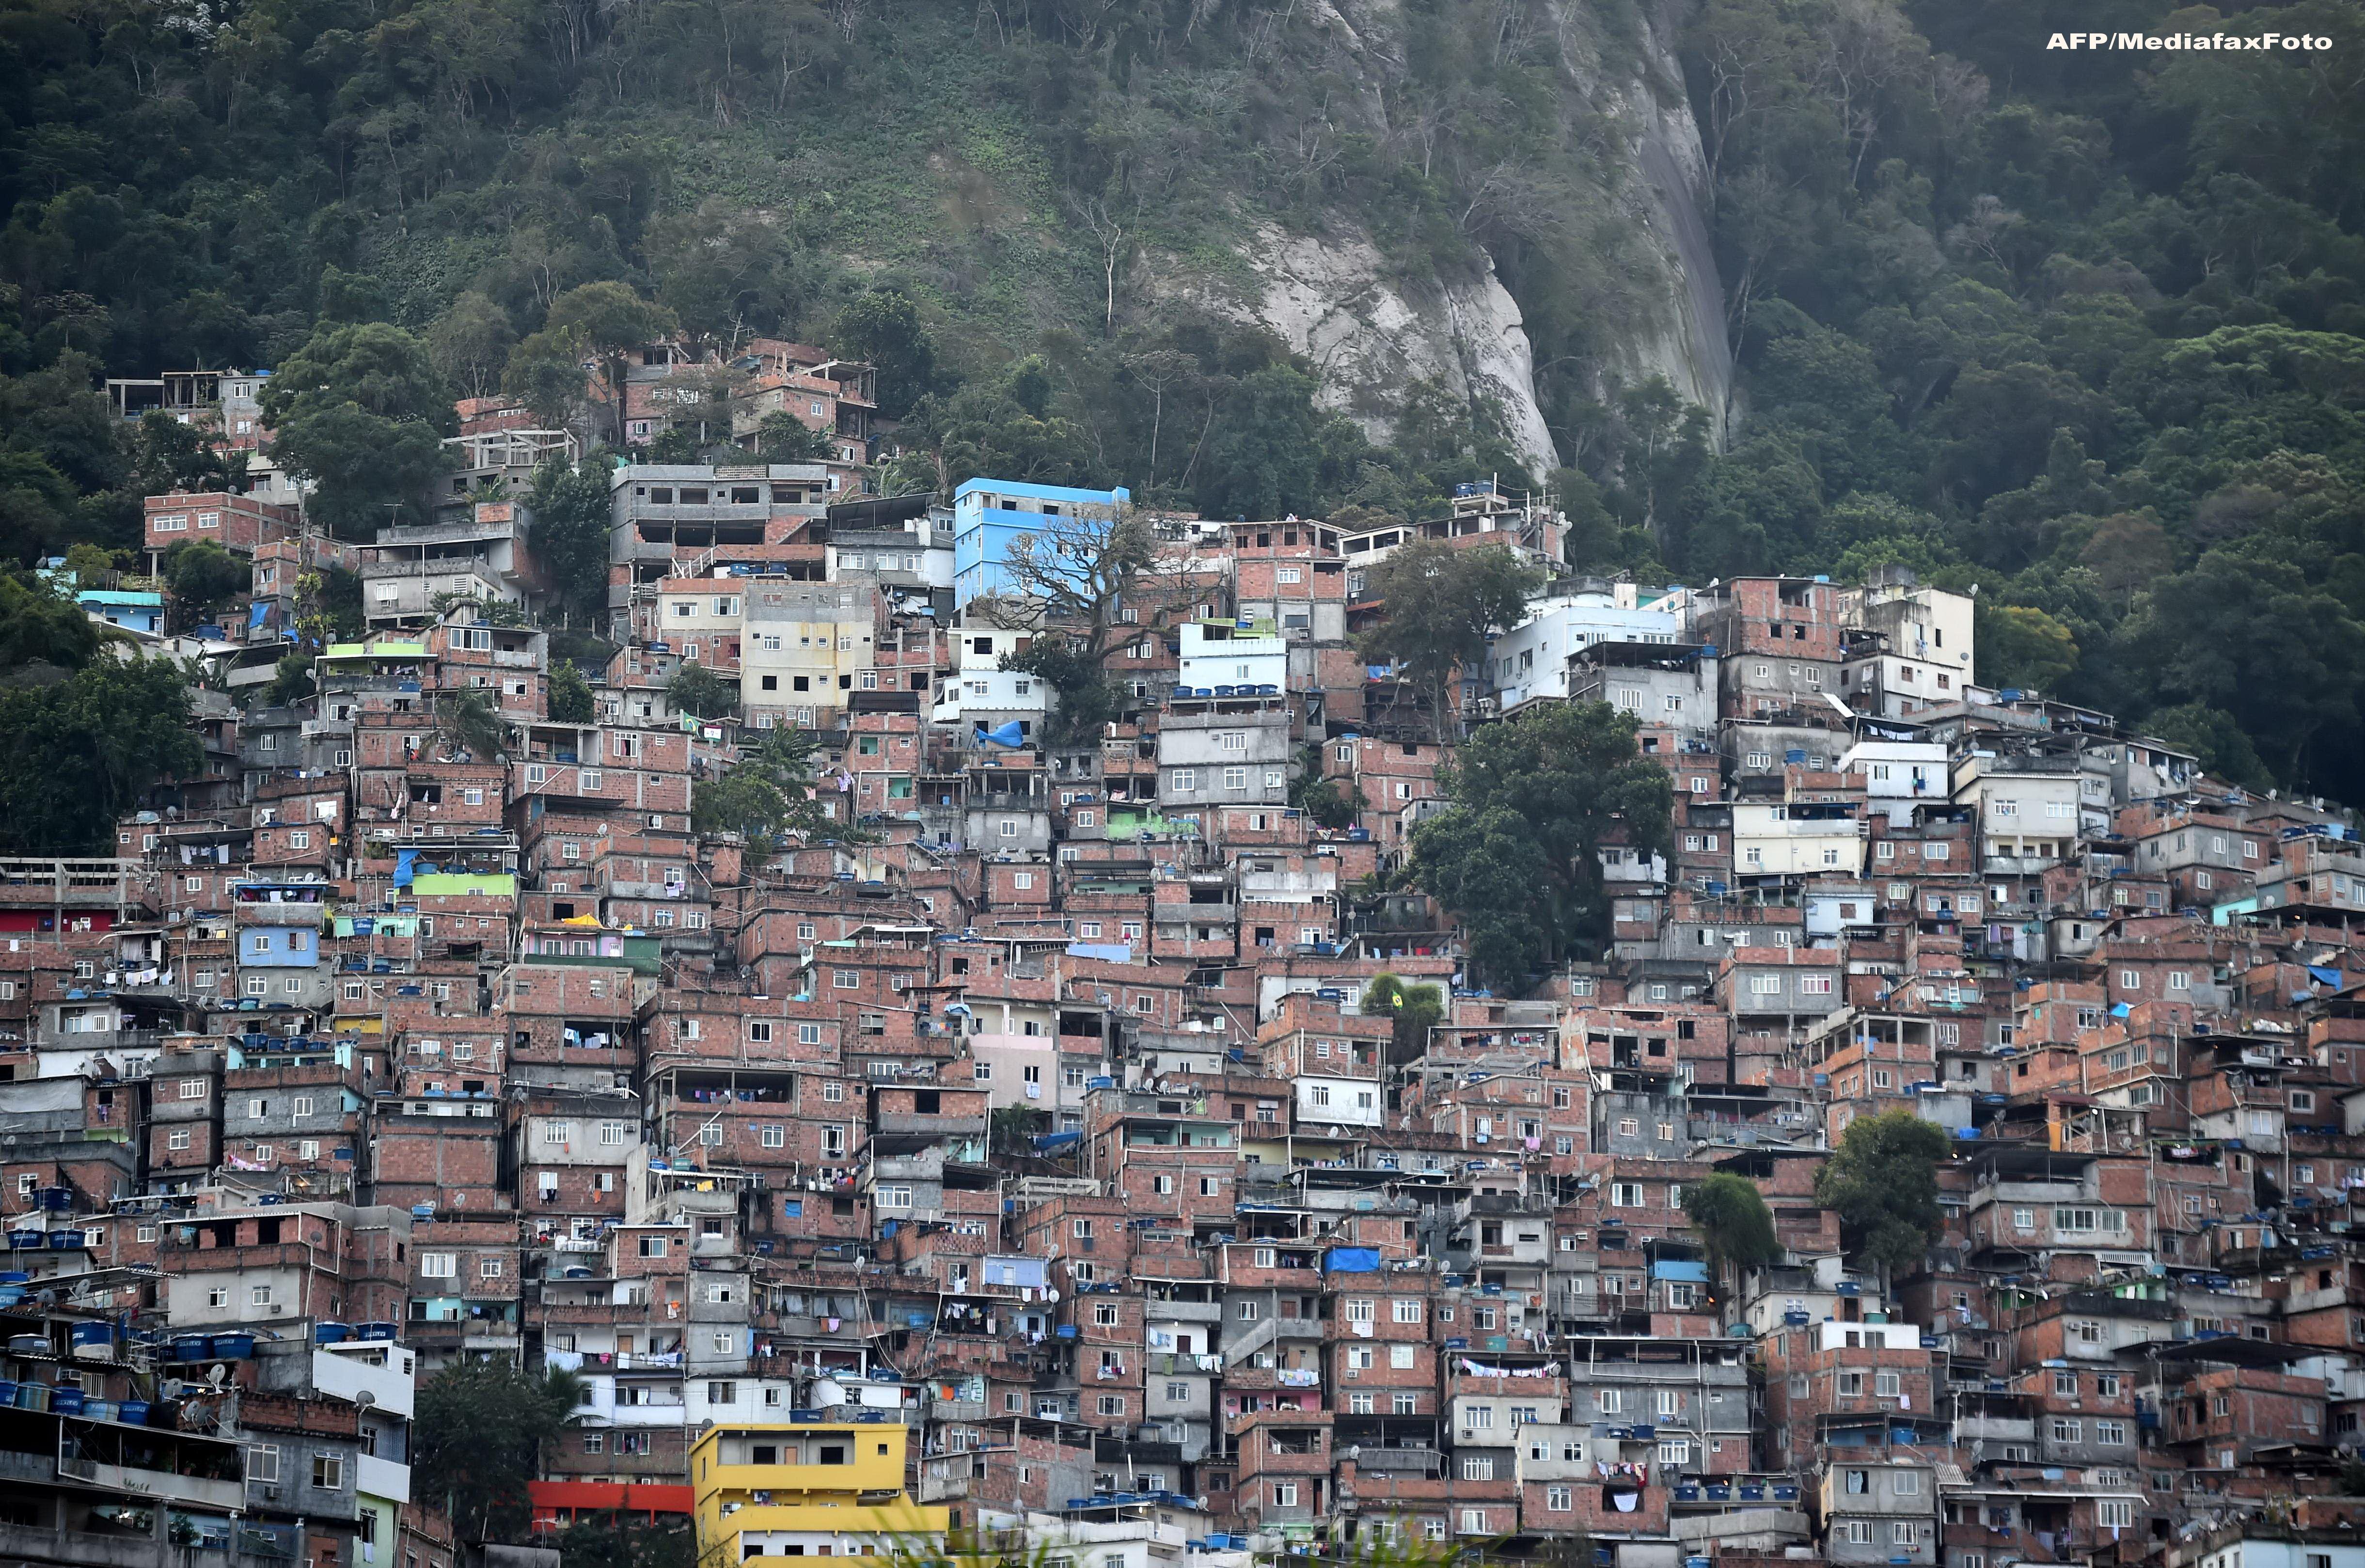 BRAZILIA 2014. Chipul sarac al mahalalelor din Sao Paolo, metropola care lanseaza Campionatul Mondial de Fotbal